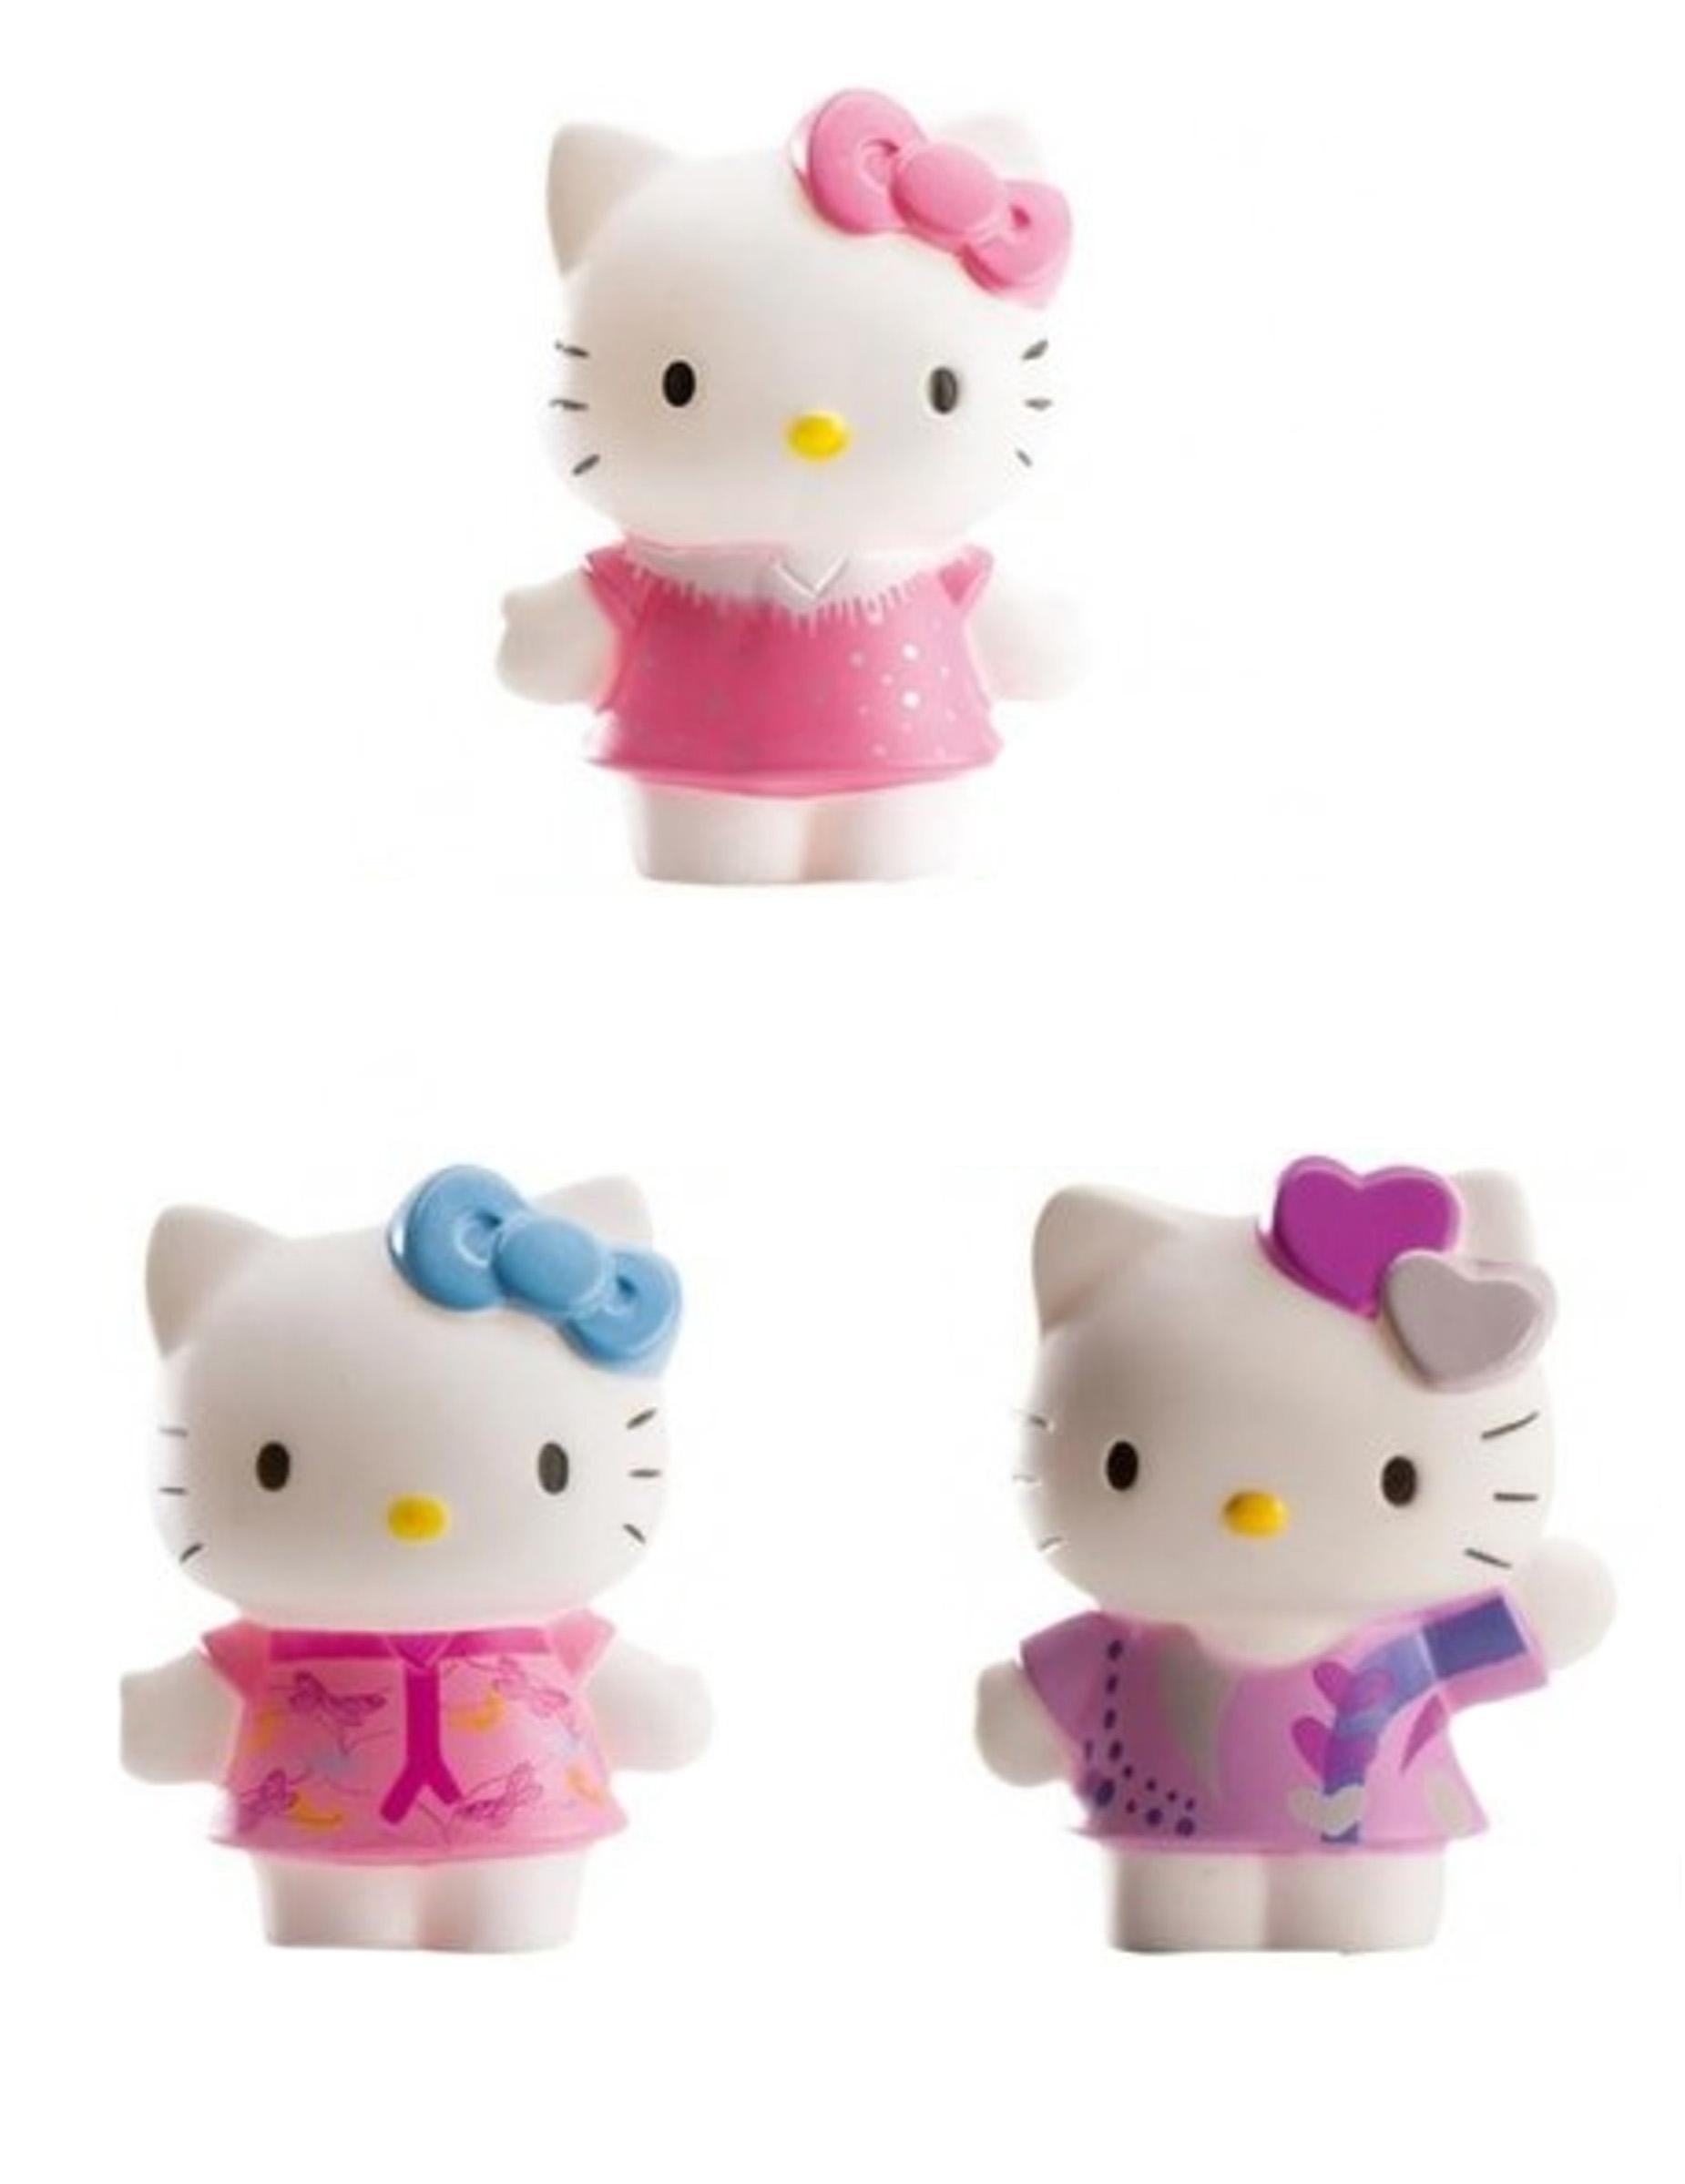 Kit di 3 stauette hello kitty ™ 7 cm: addobbi e vestiti di carnevale